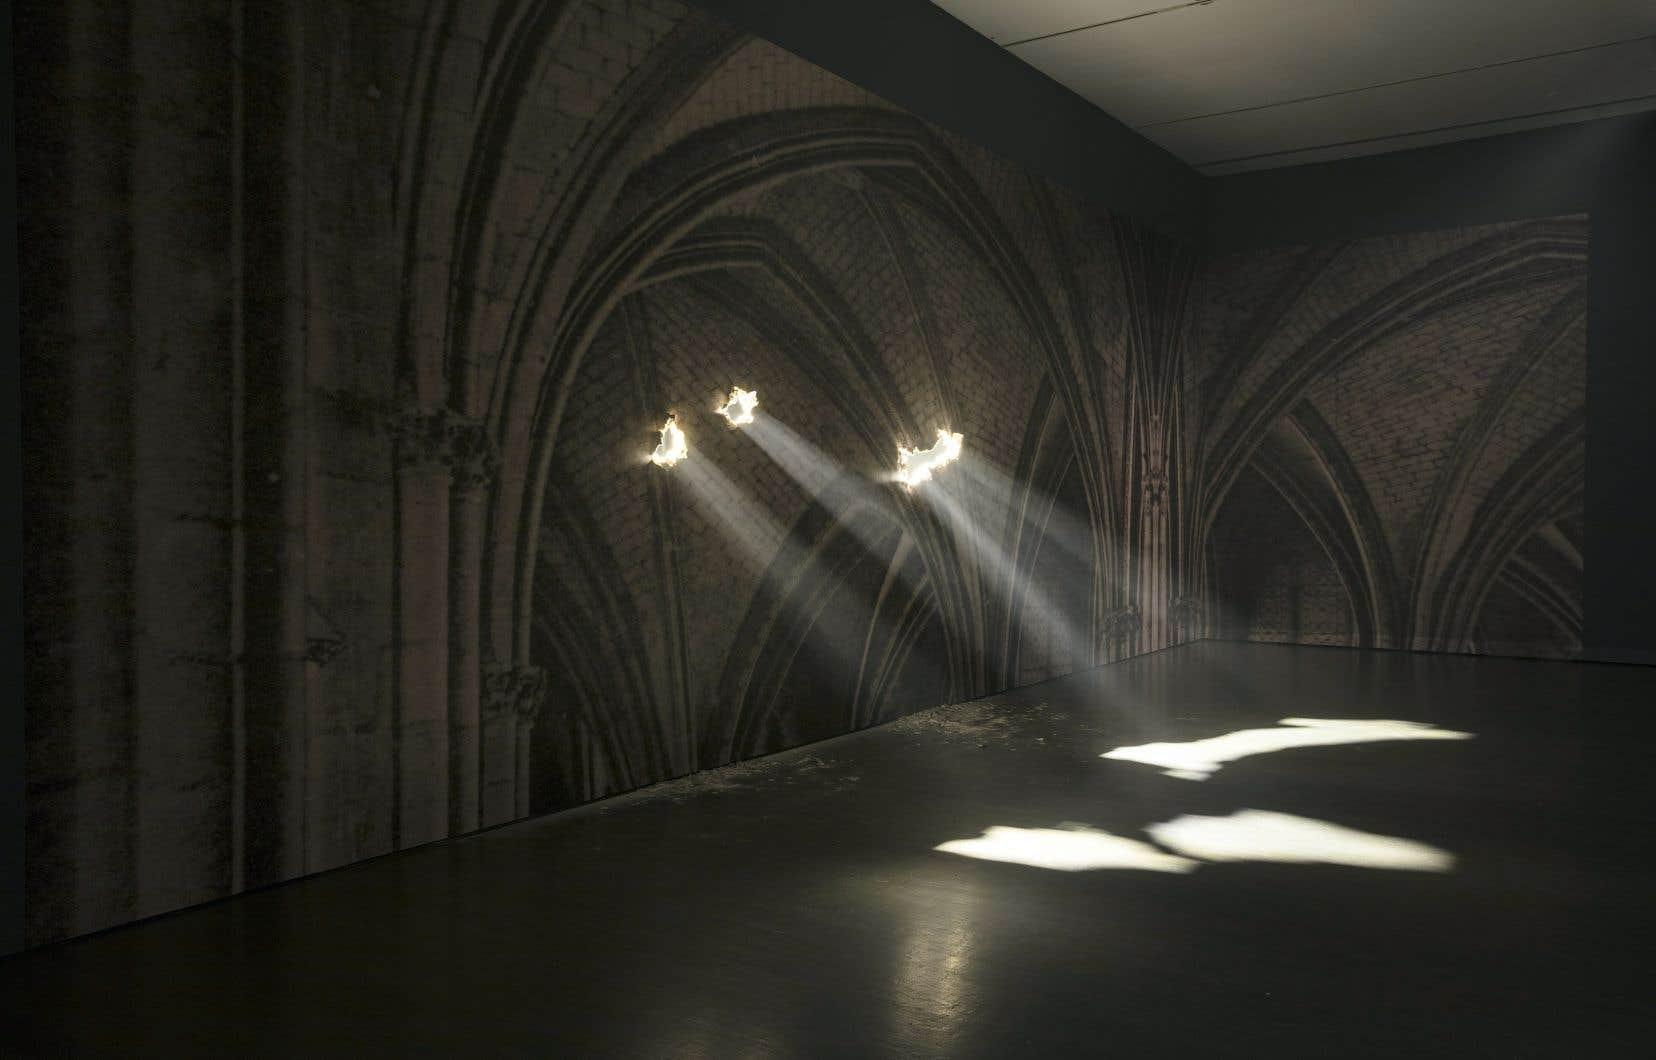 Faisceau de lumière et appel spirituel dans l'œuvre «Cathédrale» de Yann Pocreau, au Musée d'art contemporain de Montréal